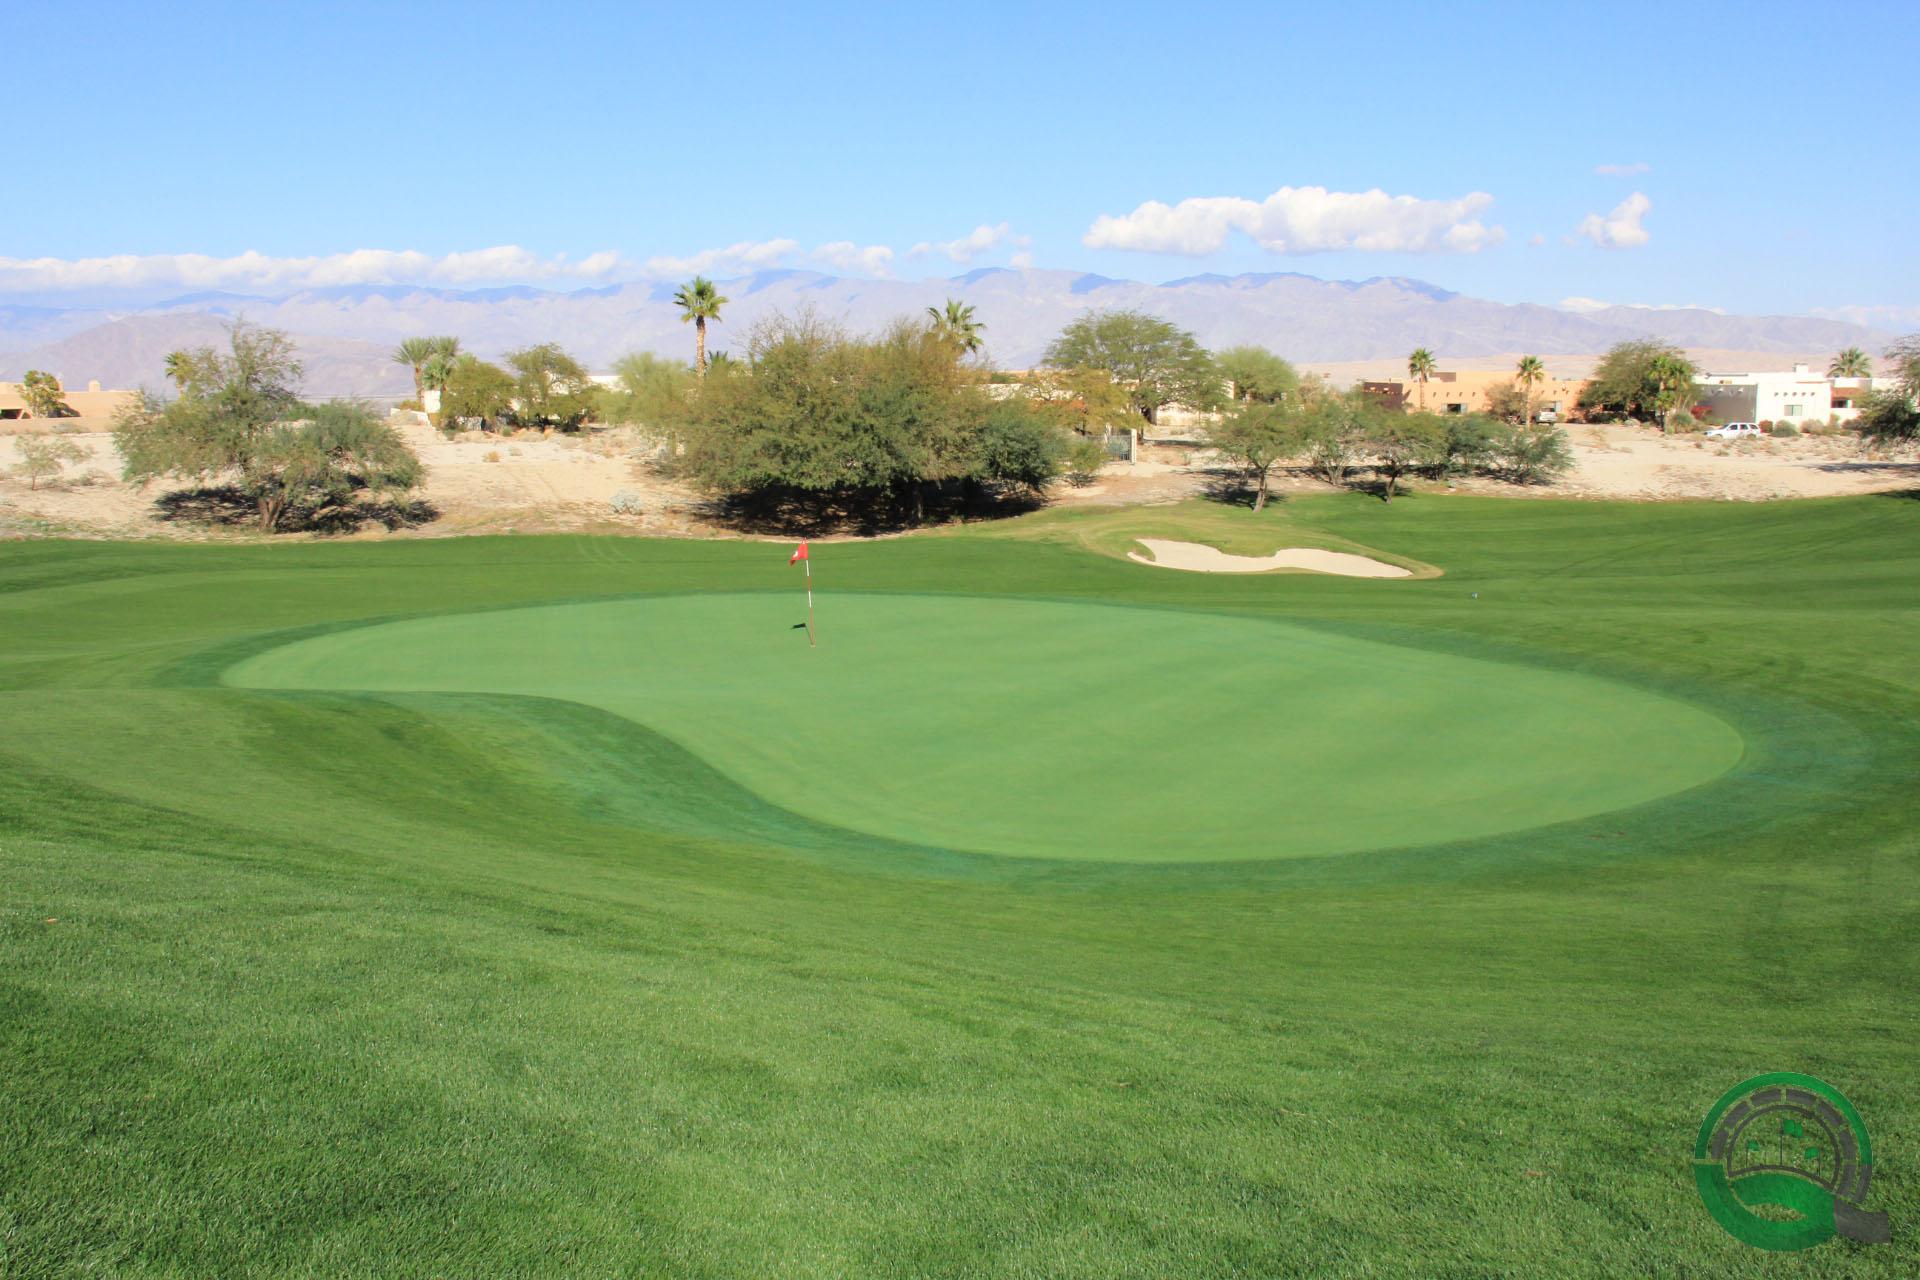 Rams Hill Golf Club Hole 6 Green